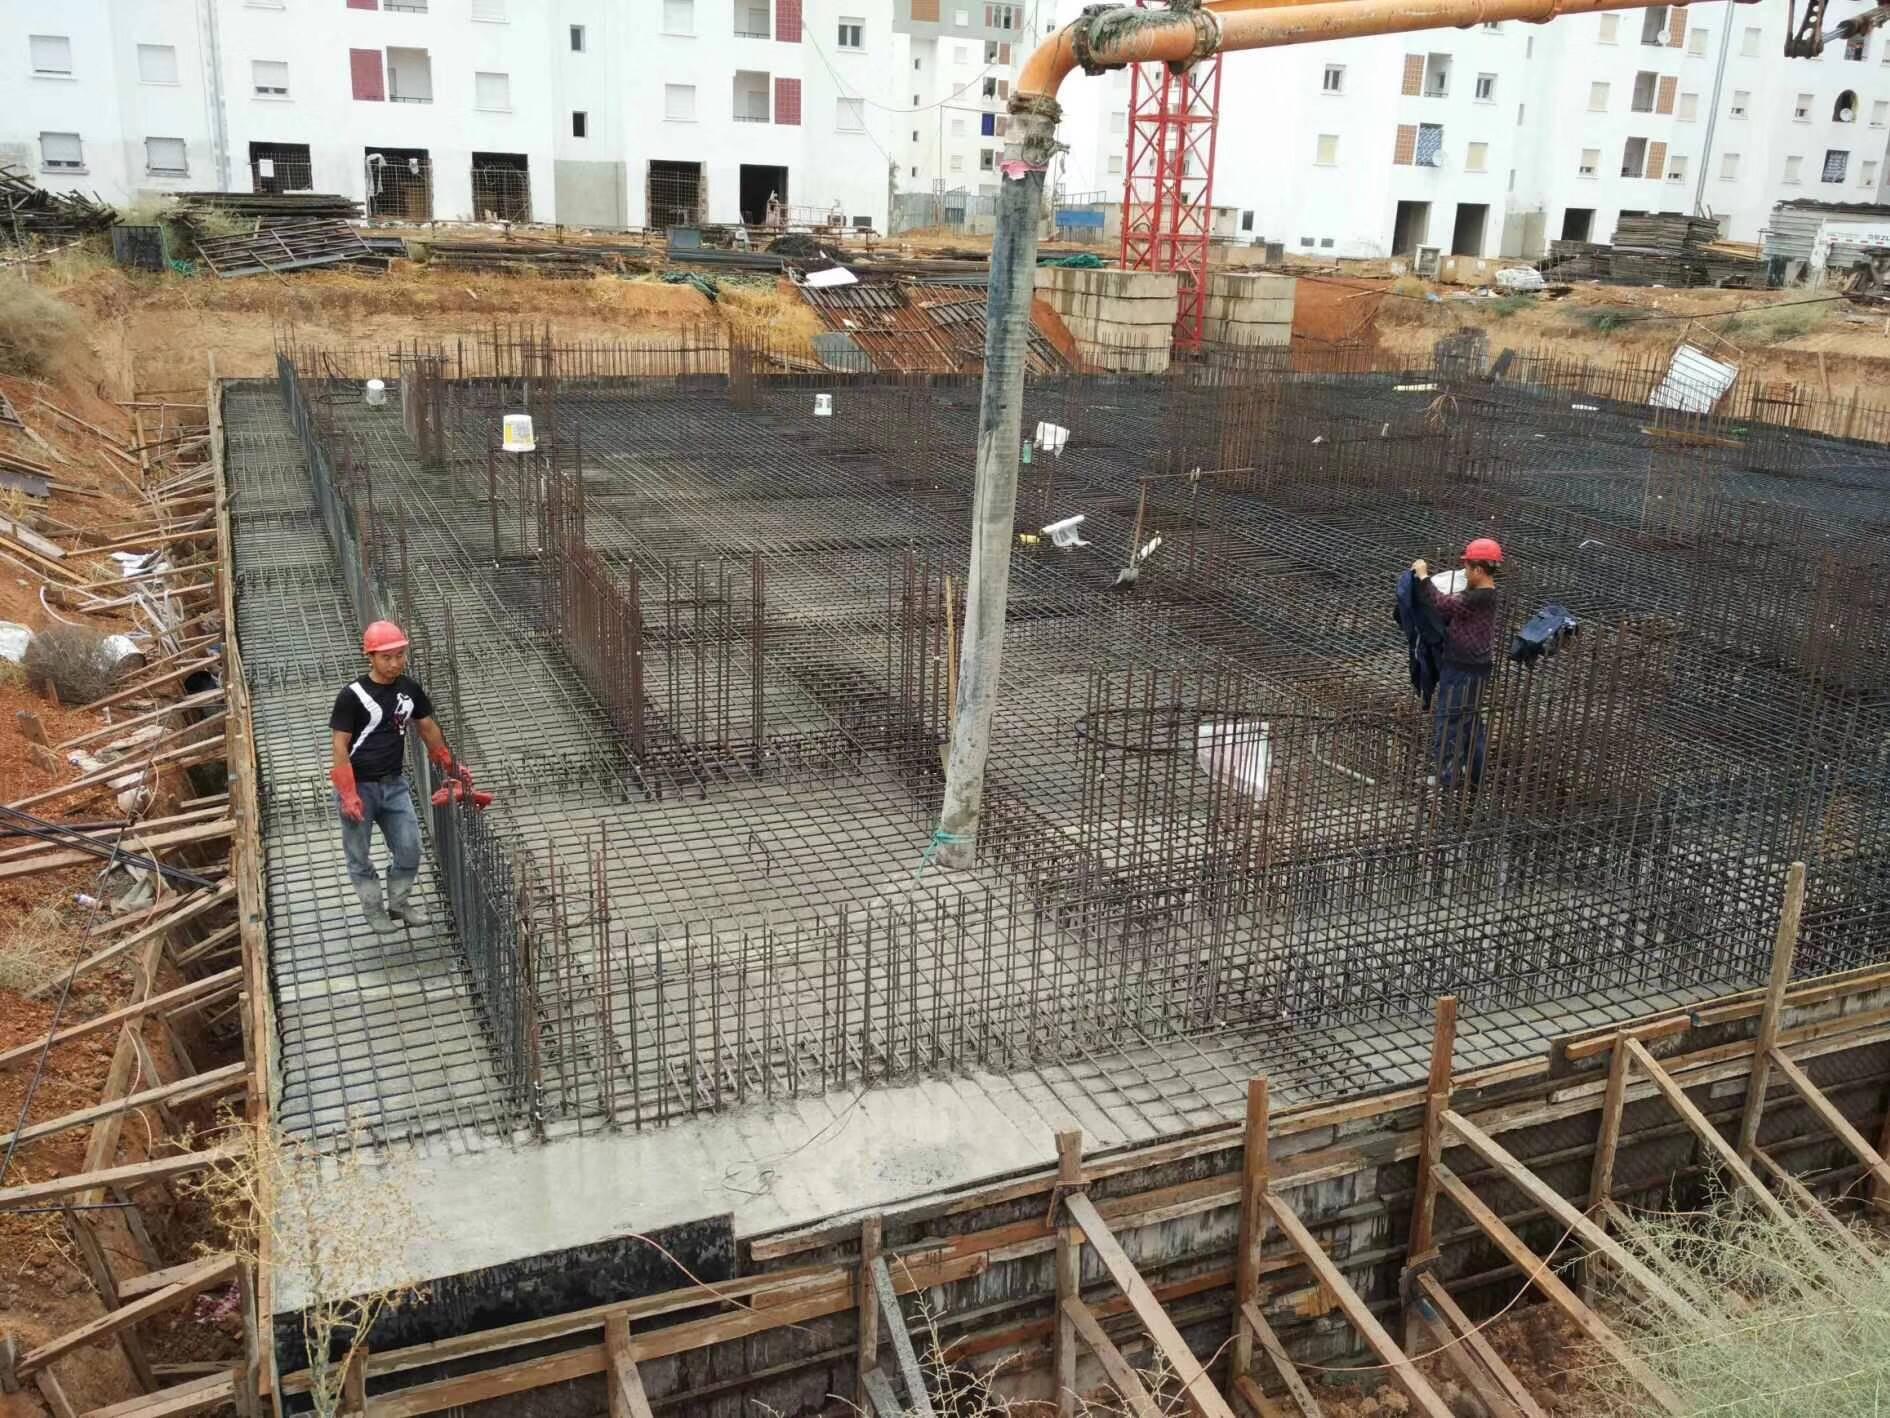 高薪急招瑞士出国劳务建筑工